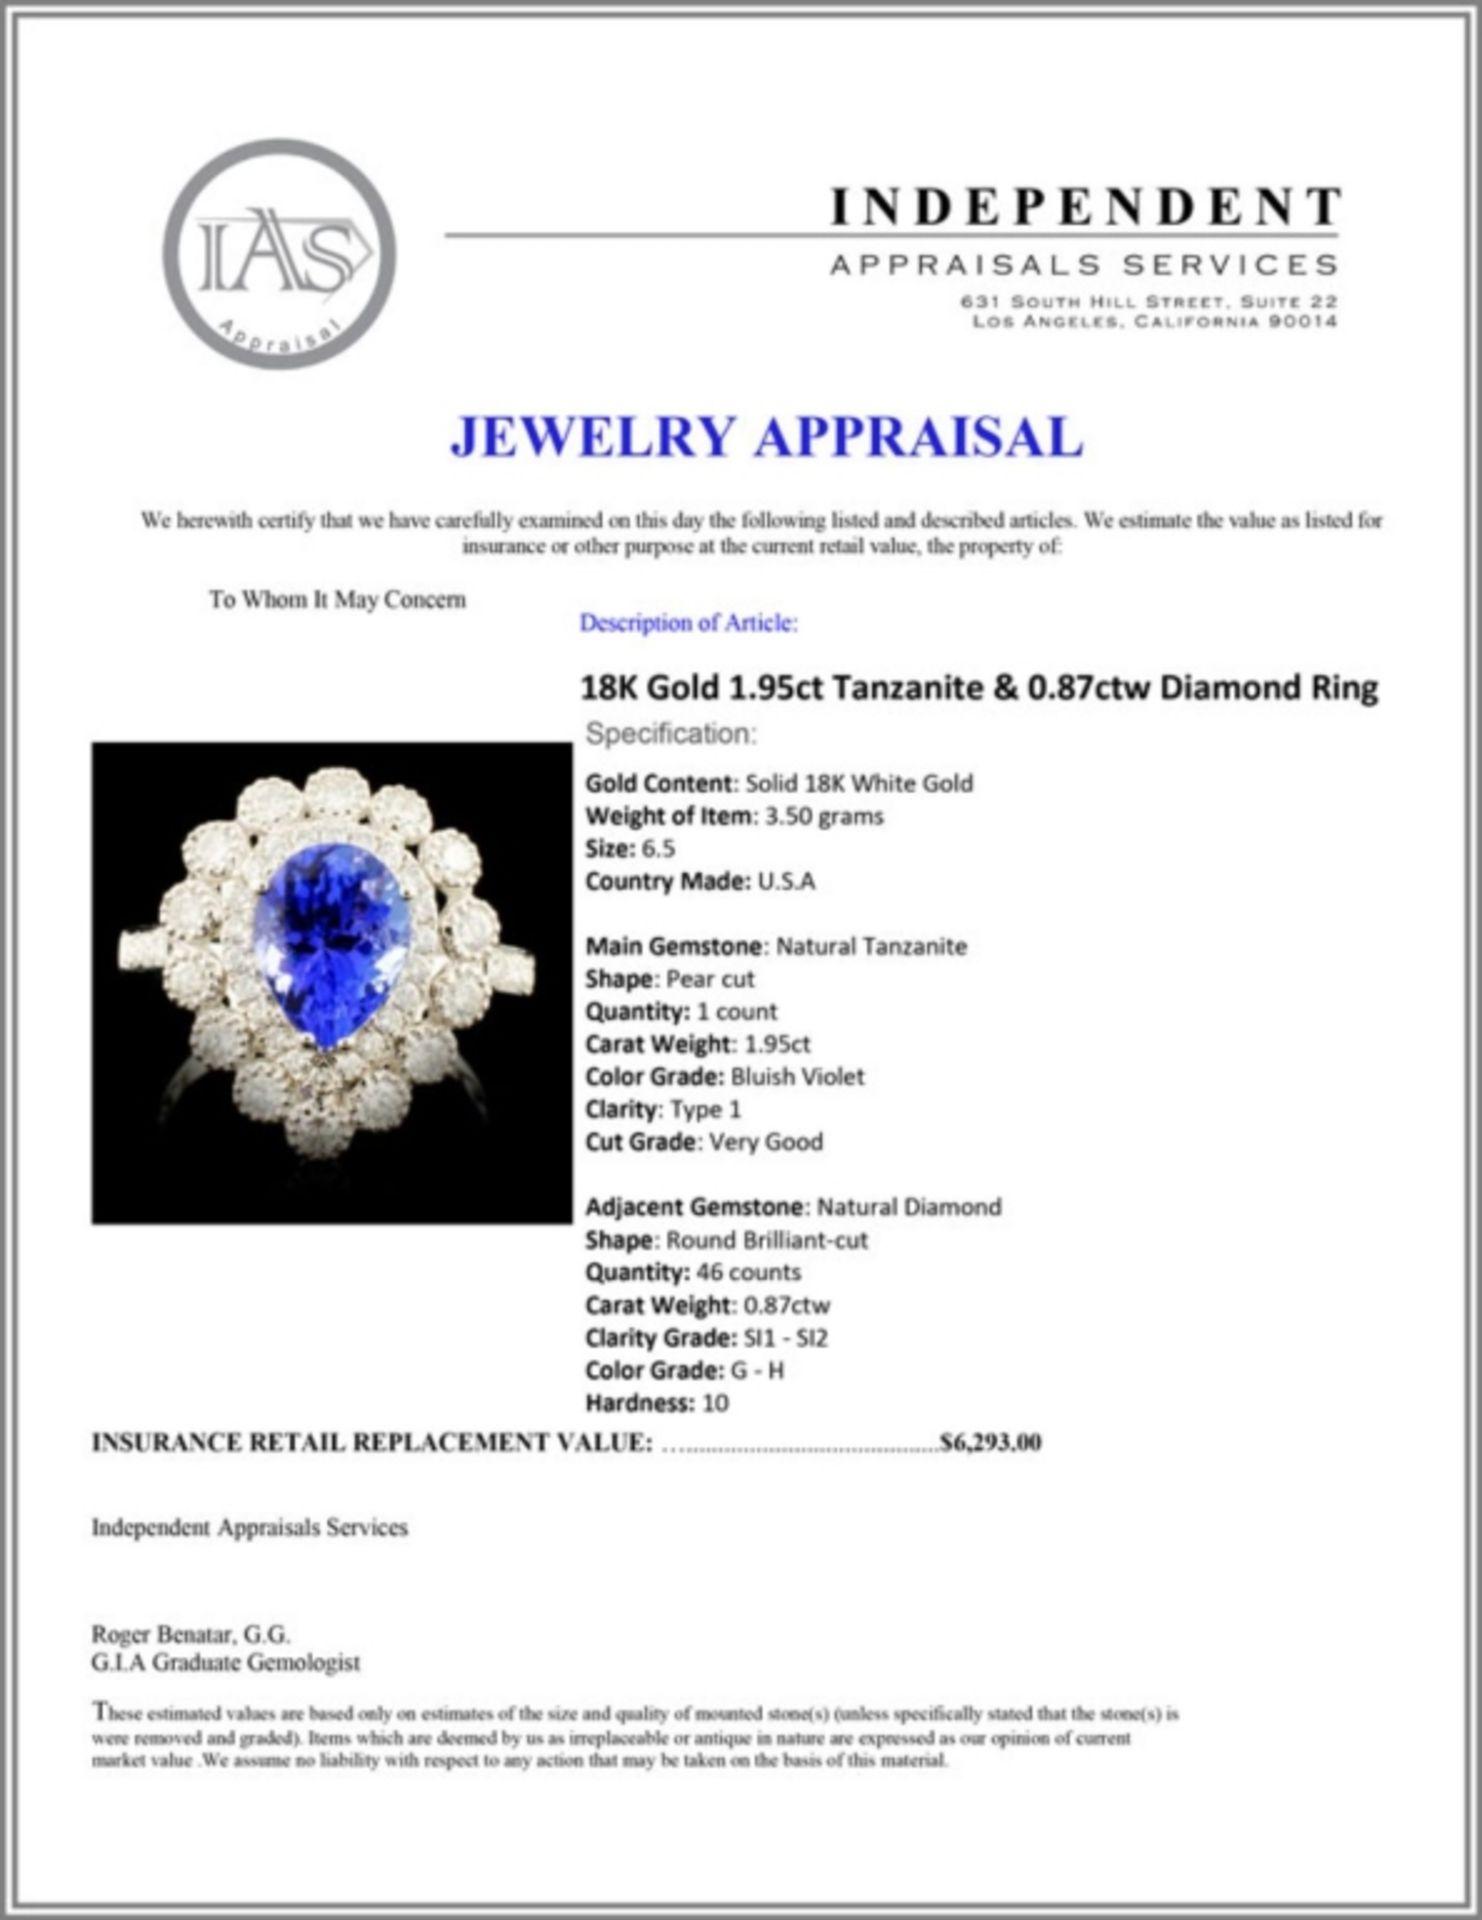 18K Gold 1.95ct Tanzanite & 0.87ctw Diamond Ring - Image 5 of 5